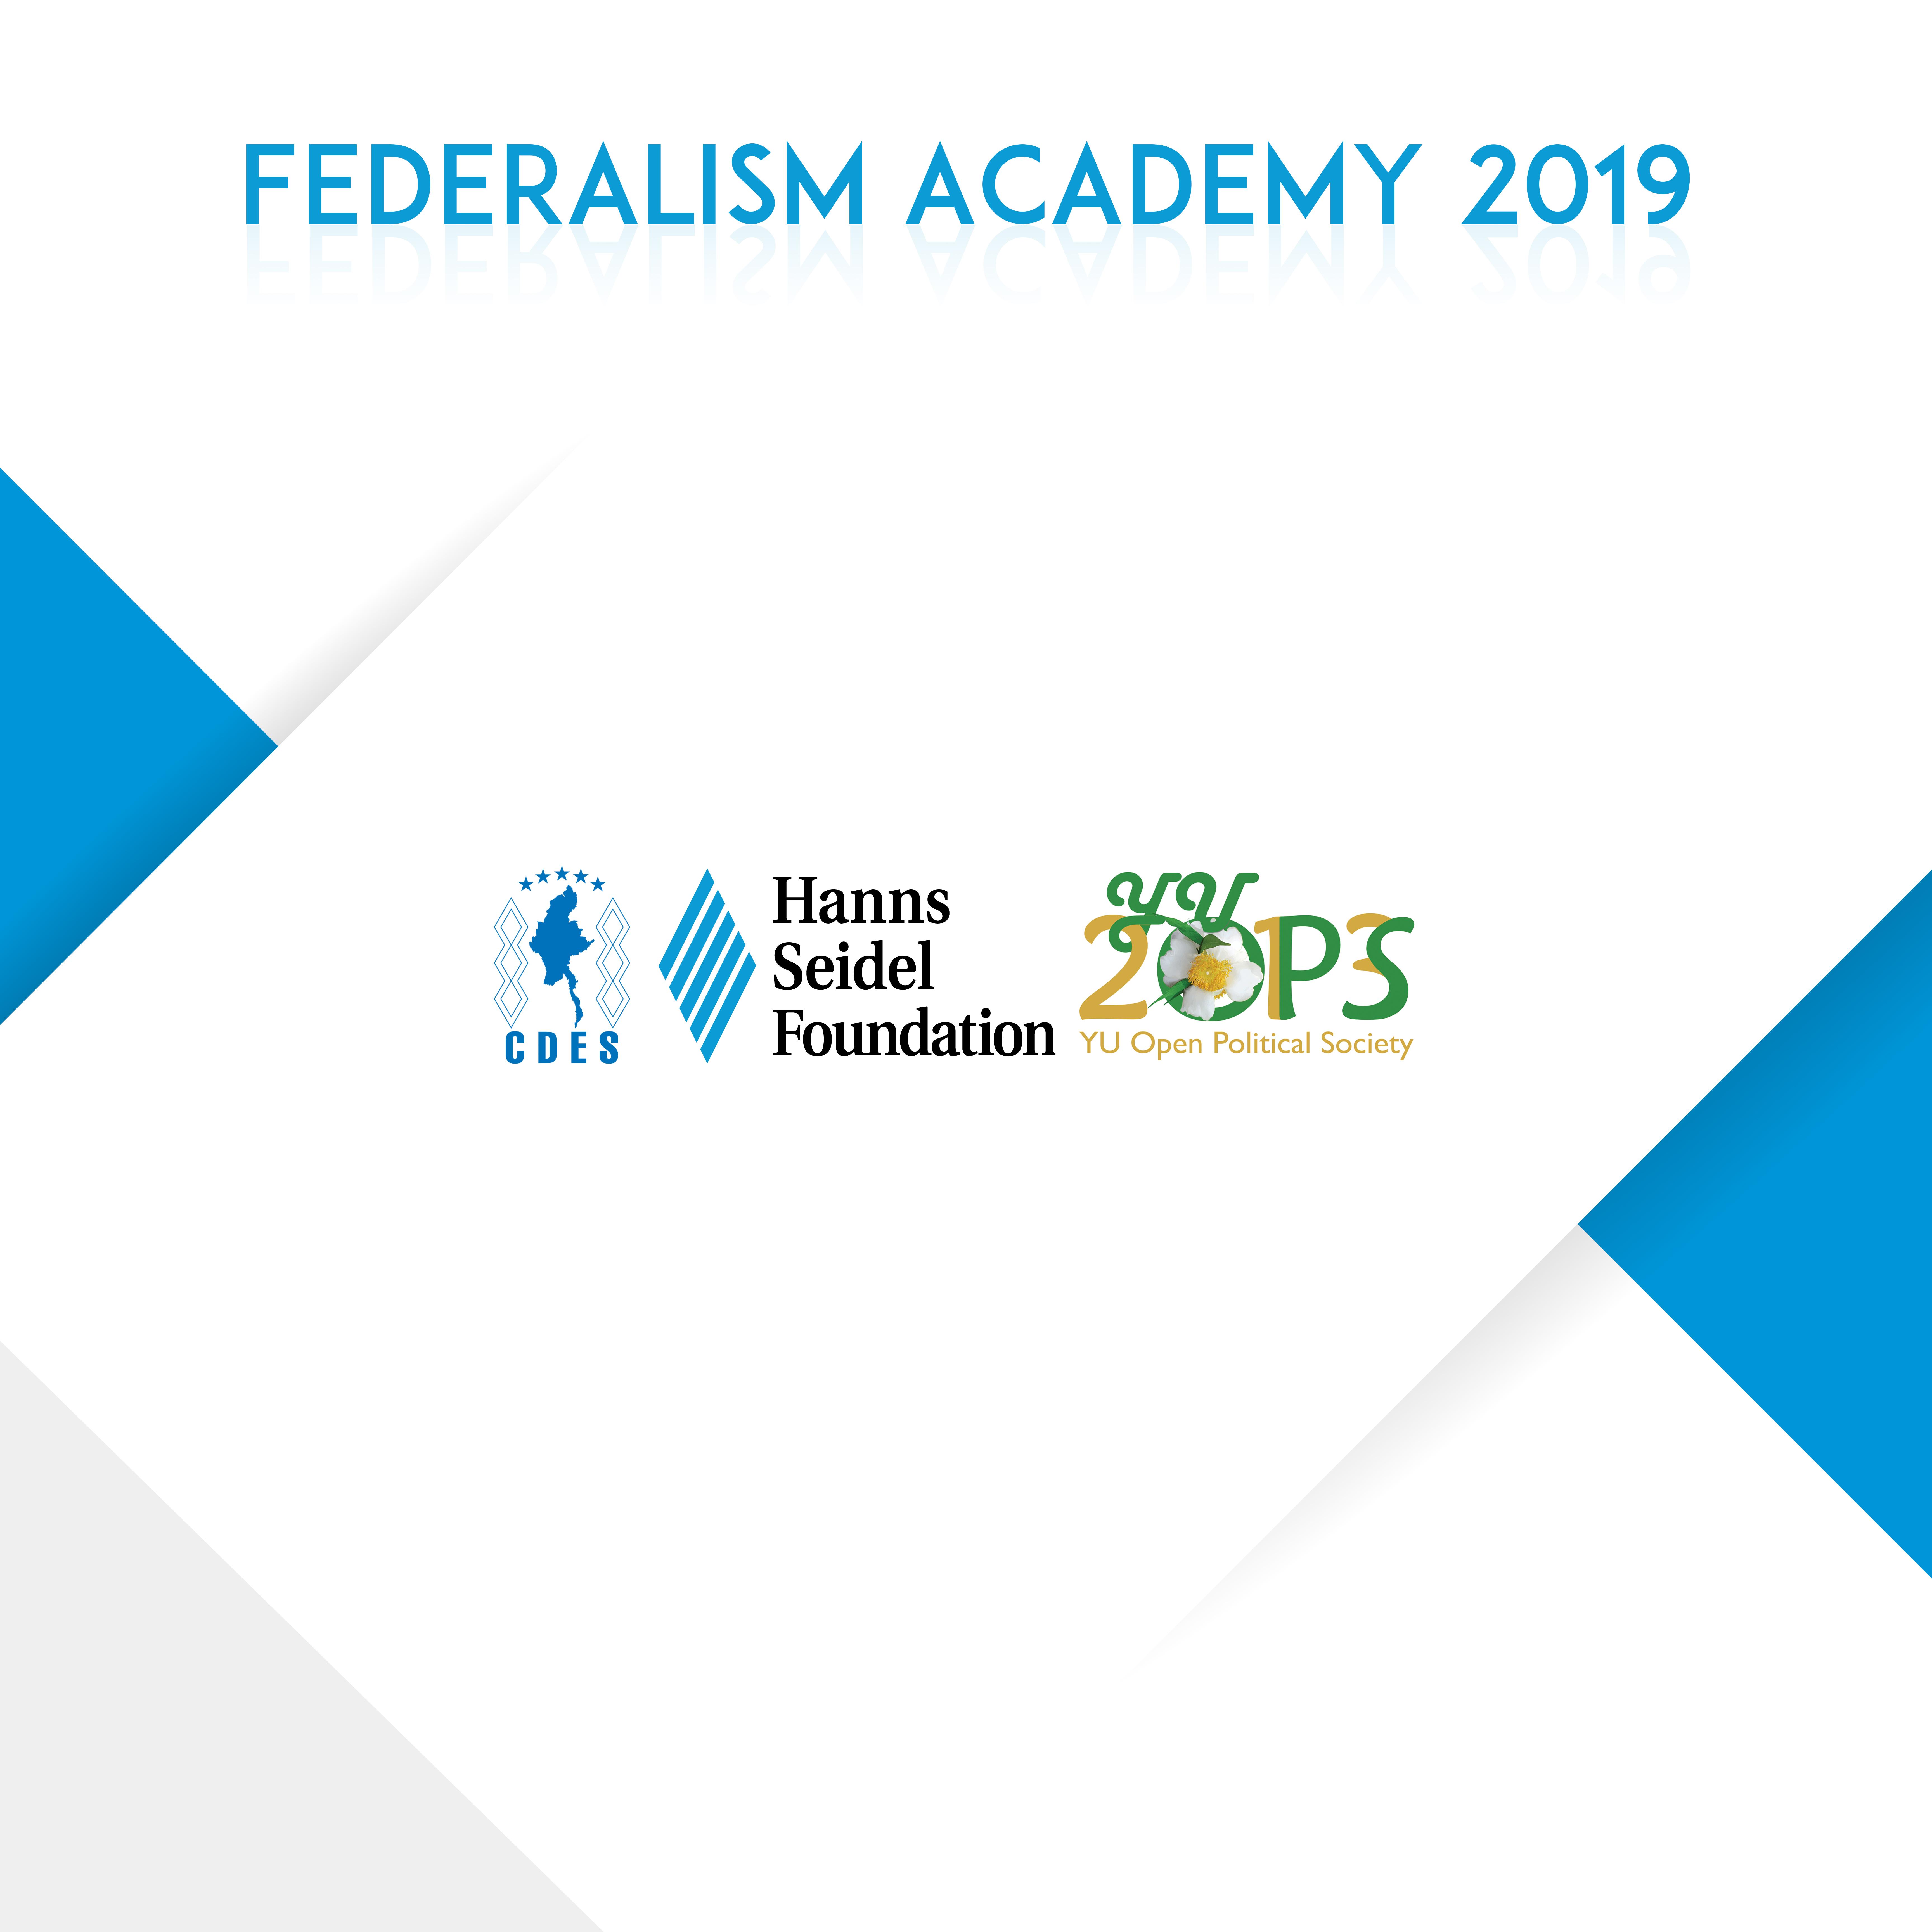 Federalism Academy 2019